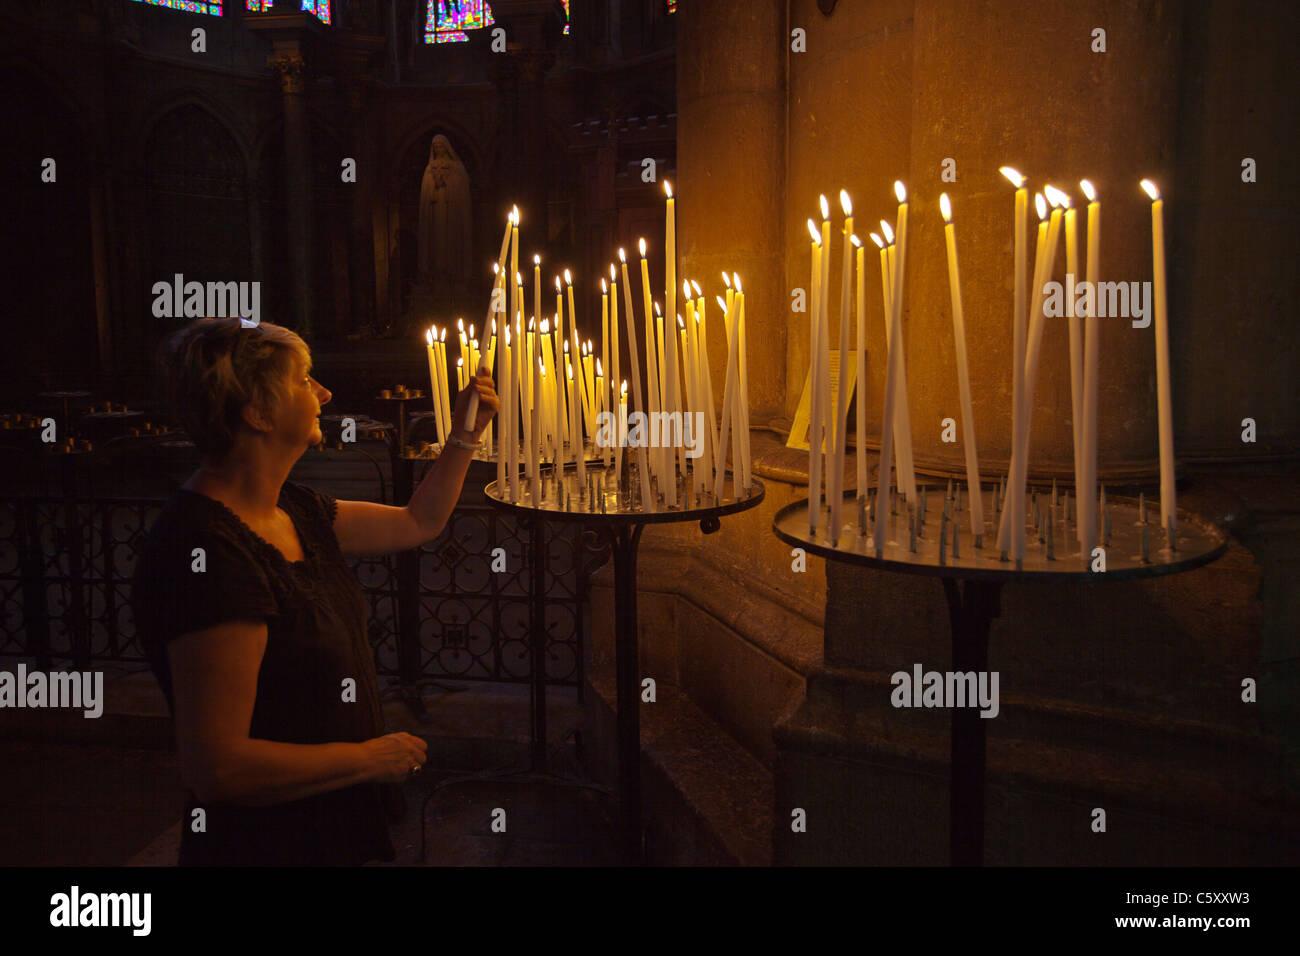 Femme adorant, allumant une bougie à la flamme à la cathédrale de Reims Reims France_119136 Photo Stock